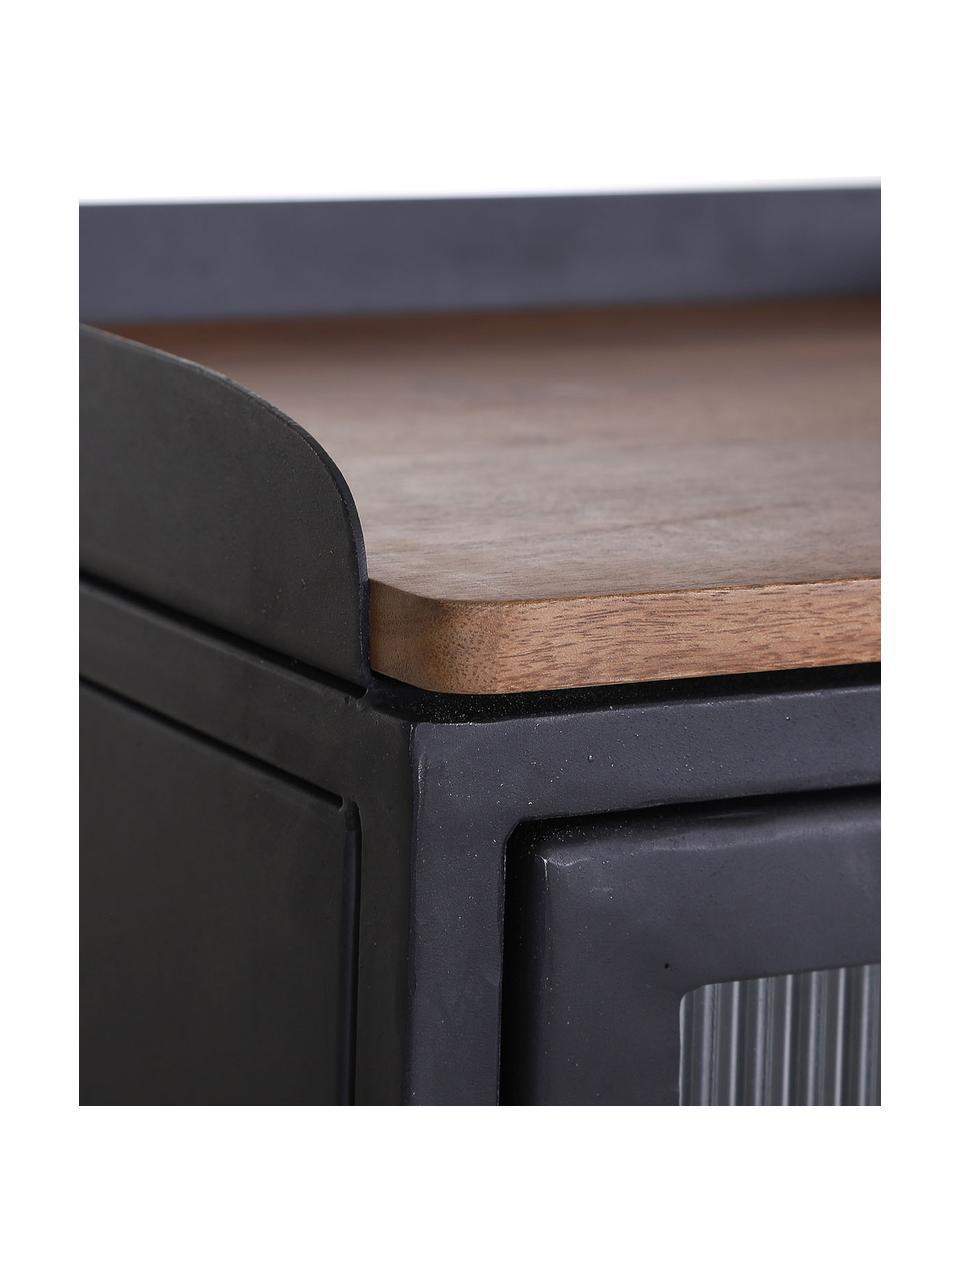 Metalen ladekast Magnus met glazen voorkant, Frame: gelakt metaal, Plank: mangohout, Zwart, 85 x 90 cm